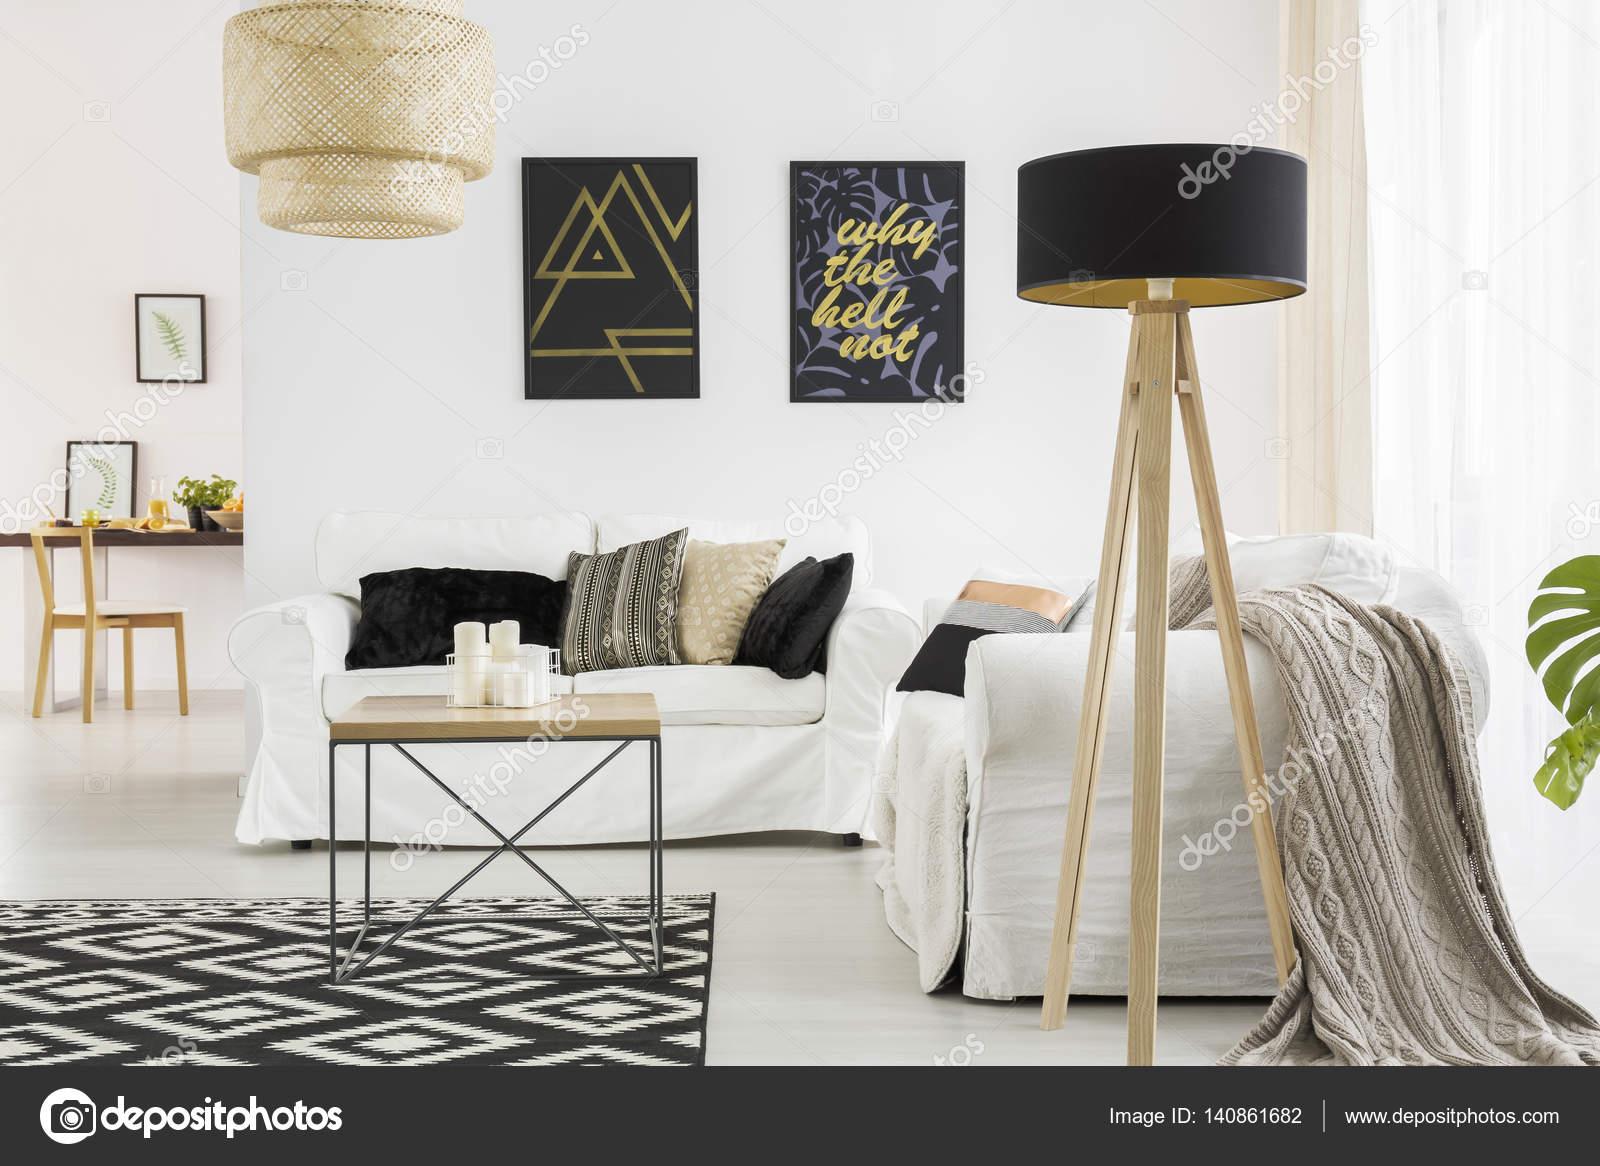 Lampen Voor Woonkamer : Woonkamer met zwarte lamp u stockfoto photographee eu